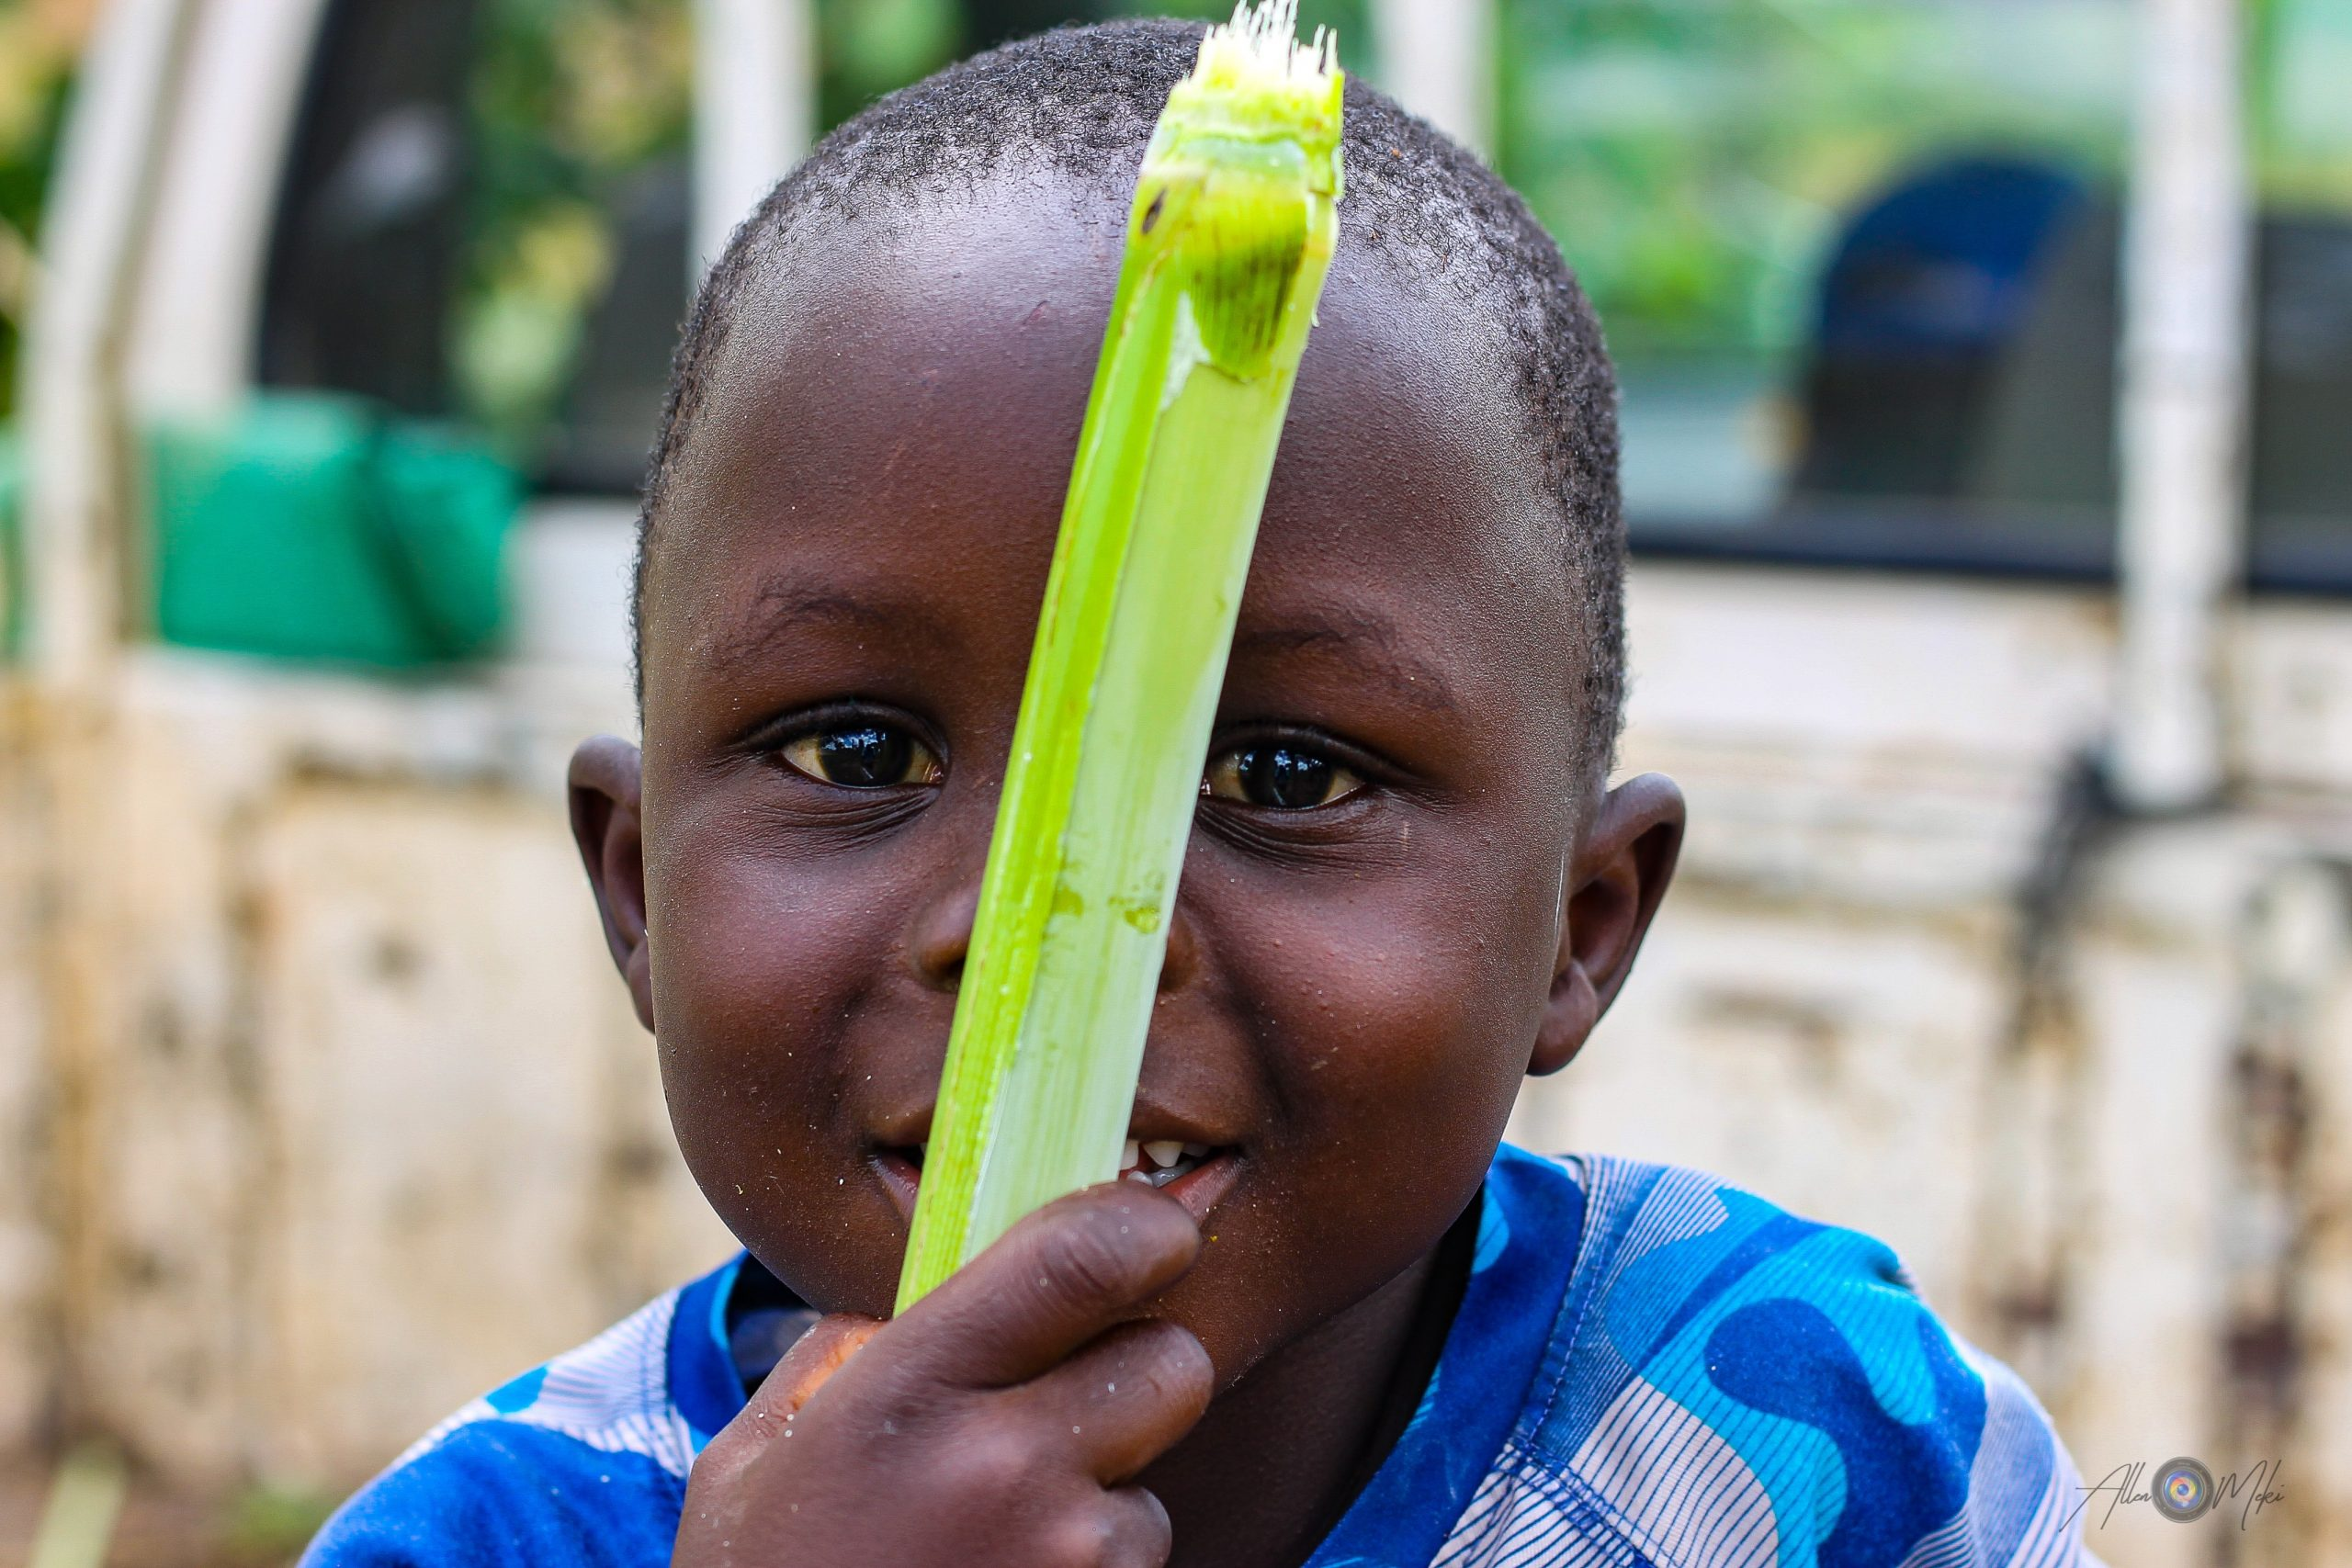 Volontariato internazionale in Kenya con bambini disabili